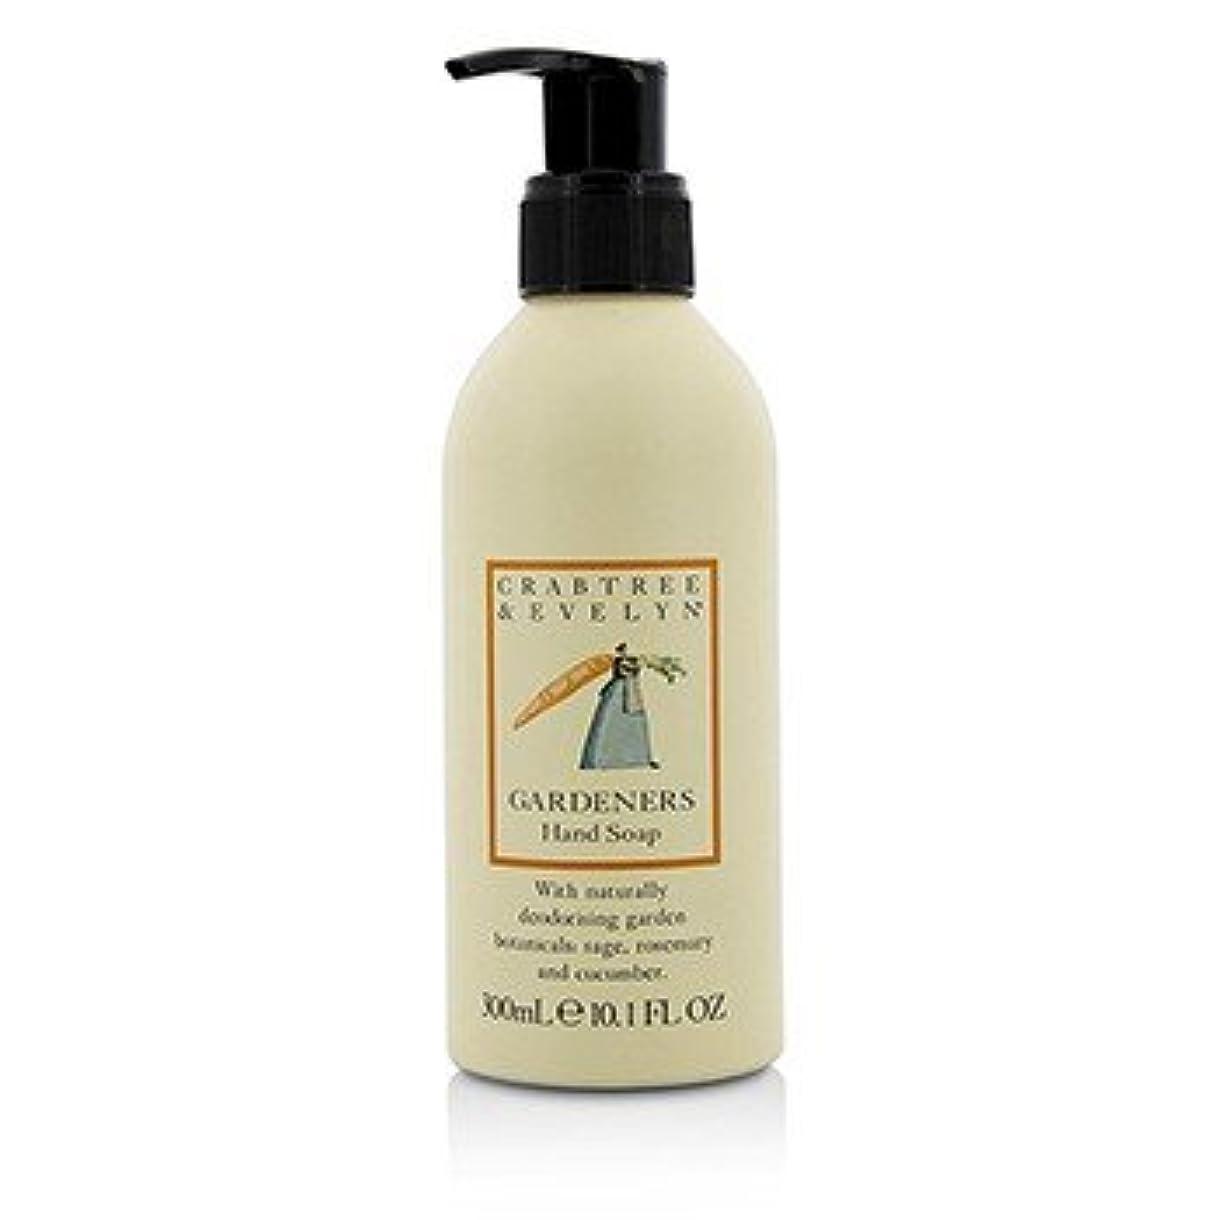 シルク要求する似ている[Crabtree & Evelyn] Gardeners Hand Soap 300ml/10.1oz